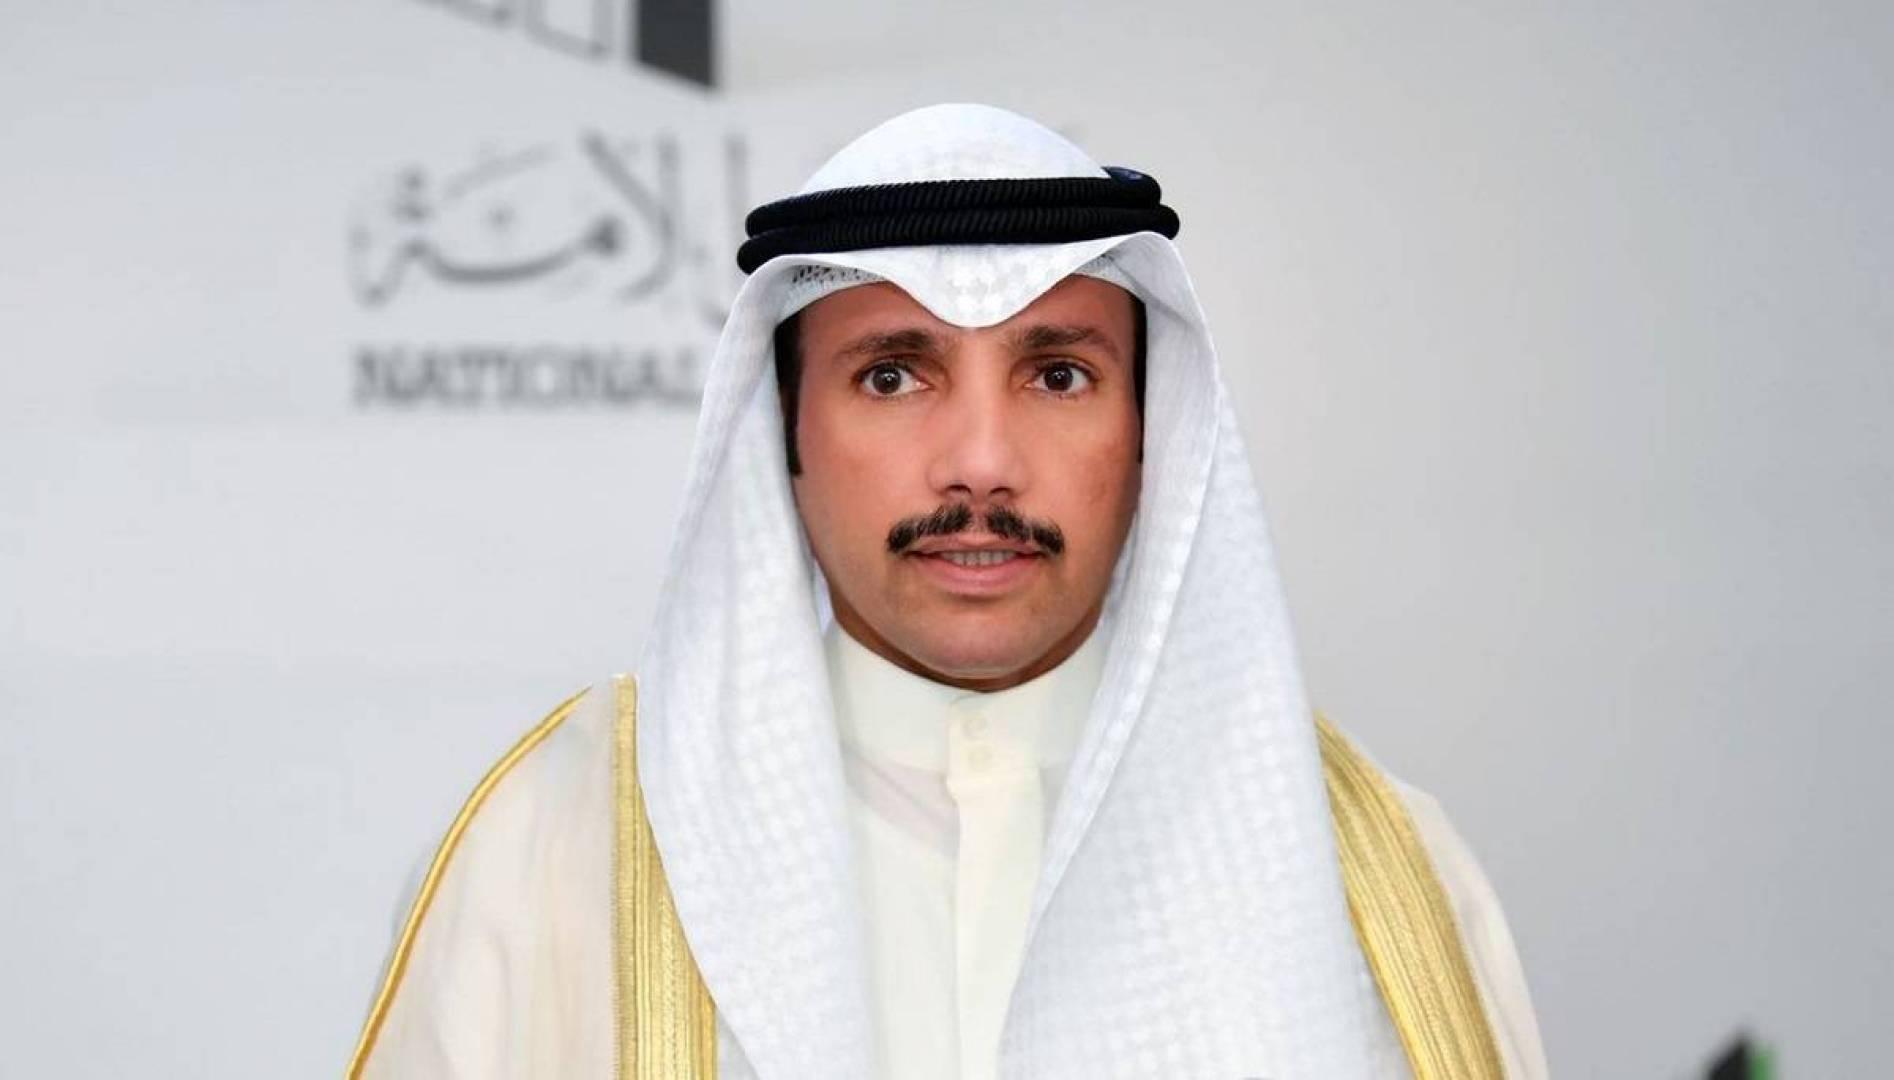 الرئيس الغانم يهنئ الشيخة نعيمة الأحمد بنجاح الدورة الـ6 لرياضة المرأة الخليجية